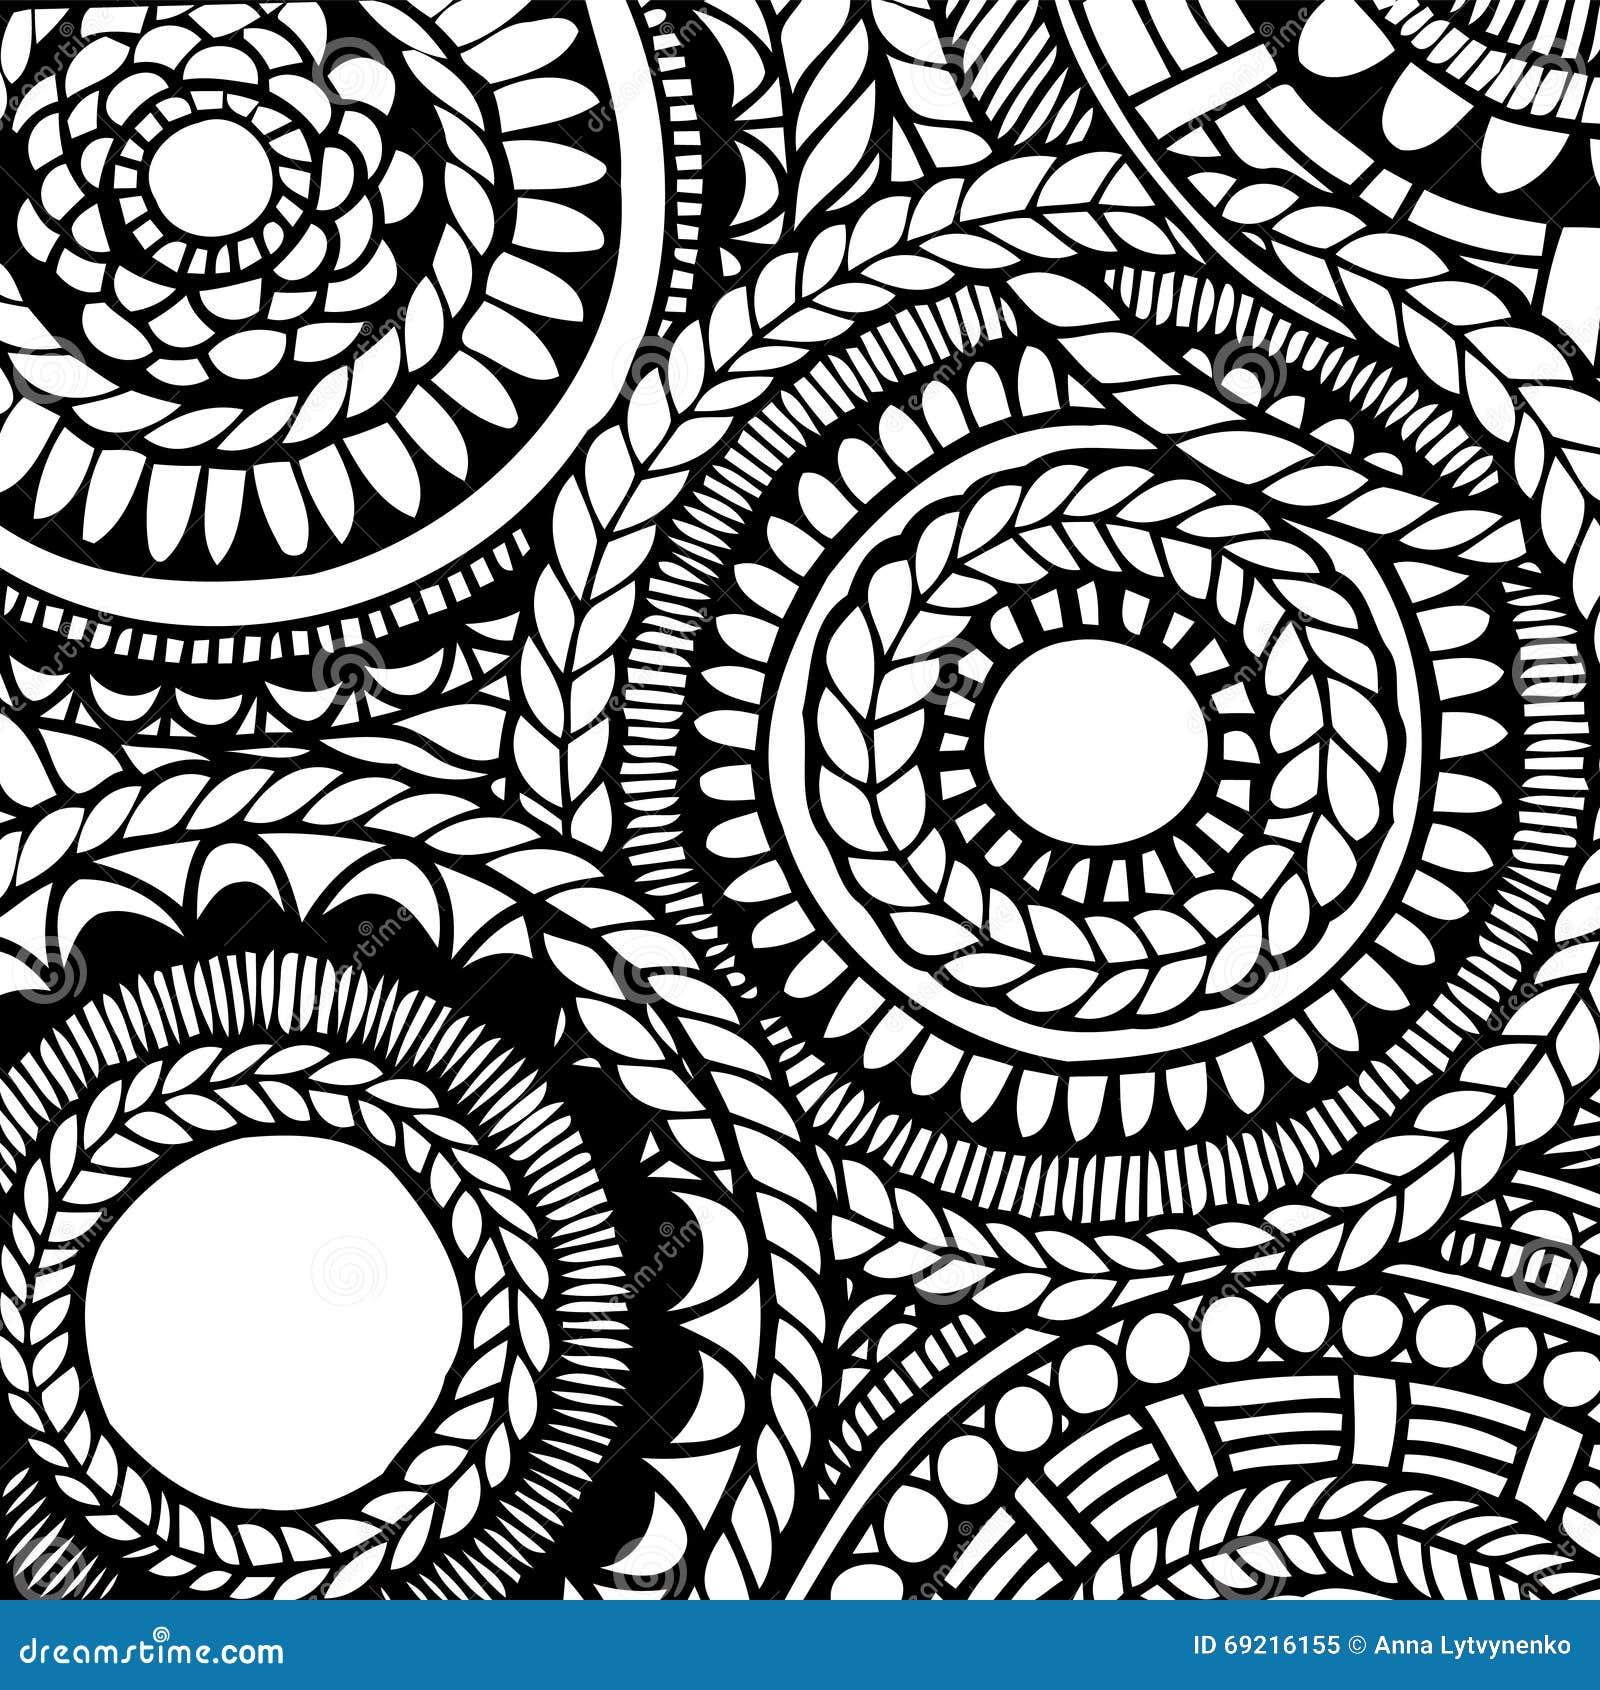 download zentangle muster vektor abbildung illustration von zeile 69216155 - Zentangle Muster